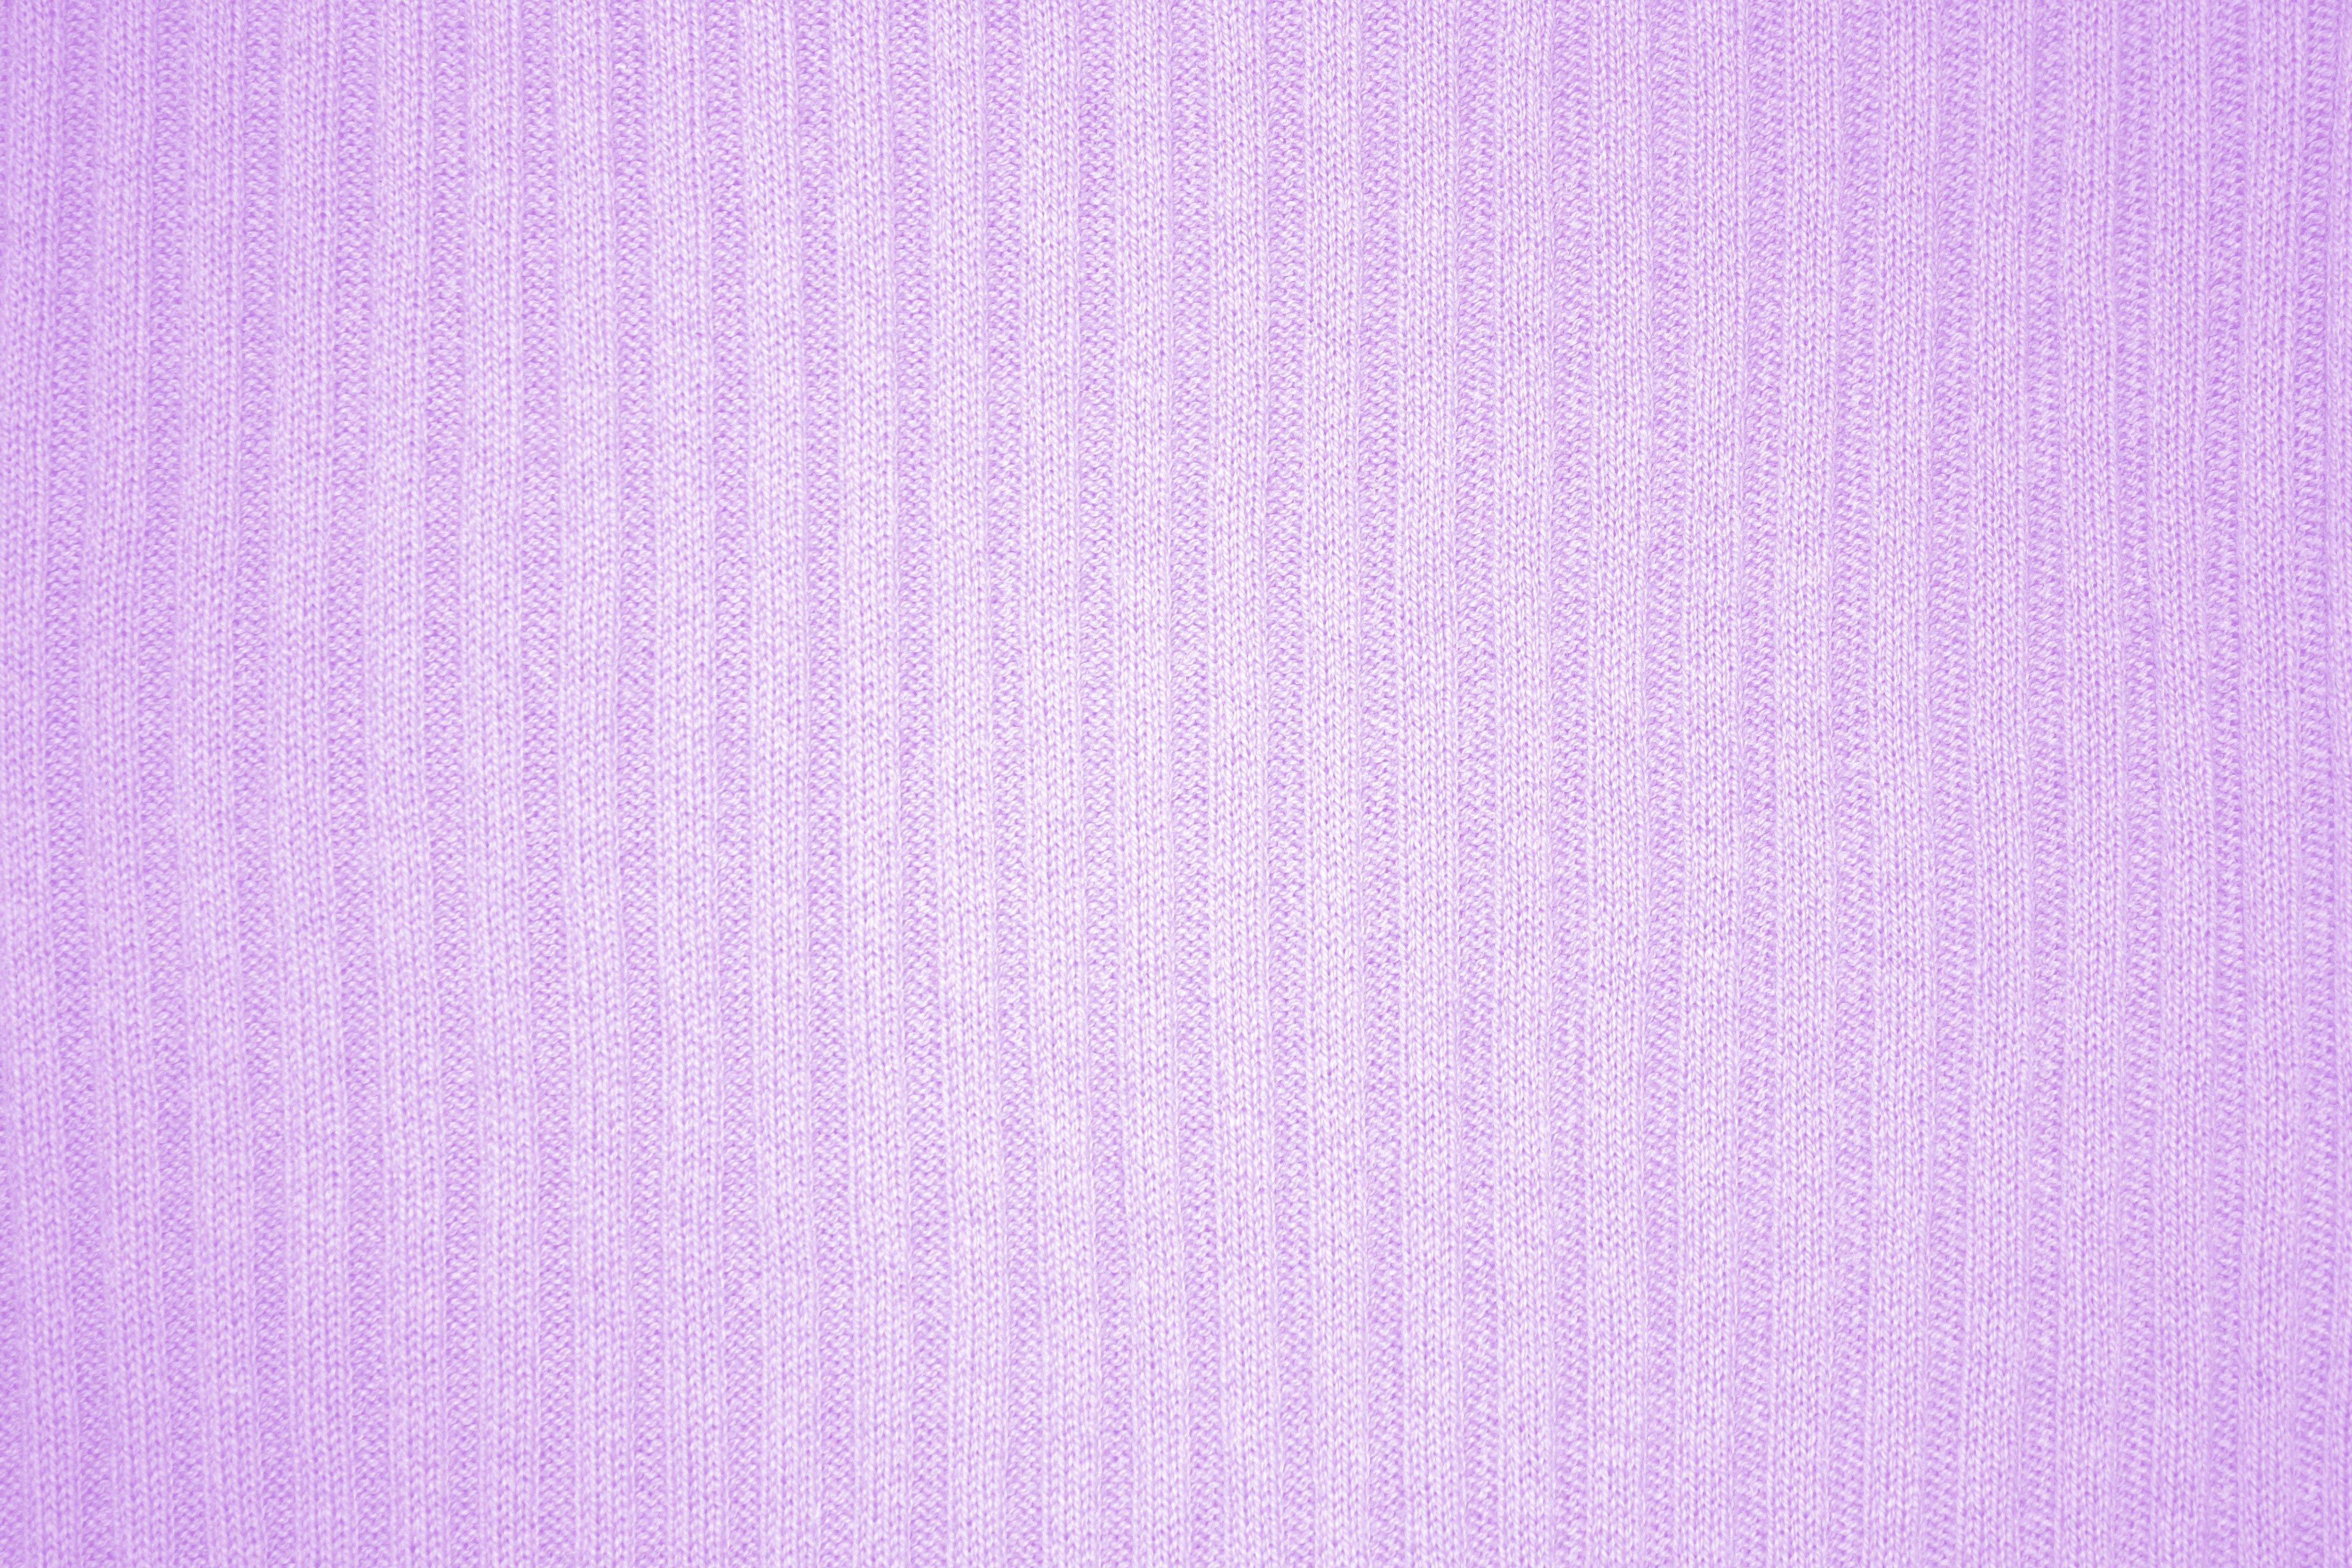 light purple color - HD2722×1814